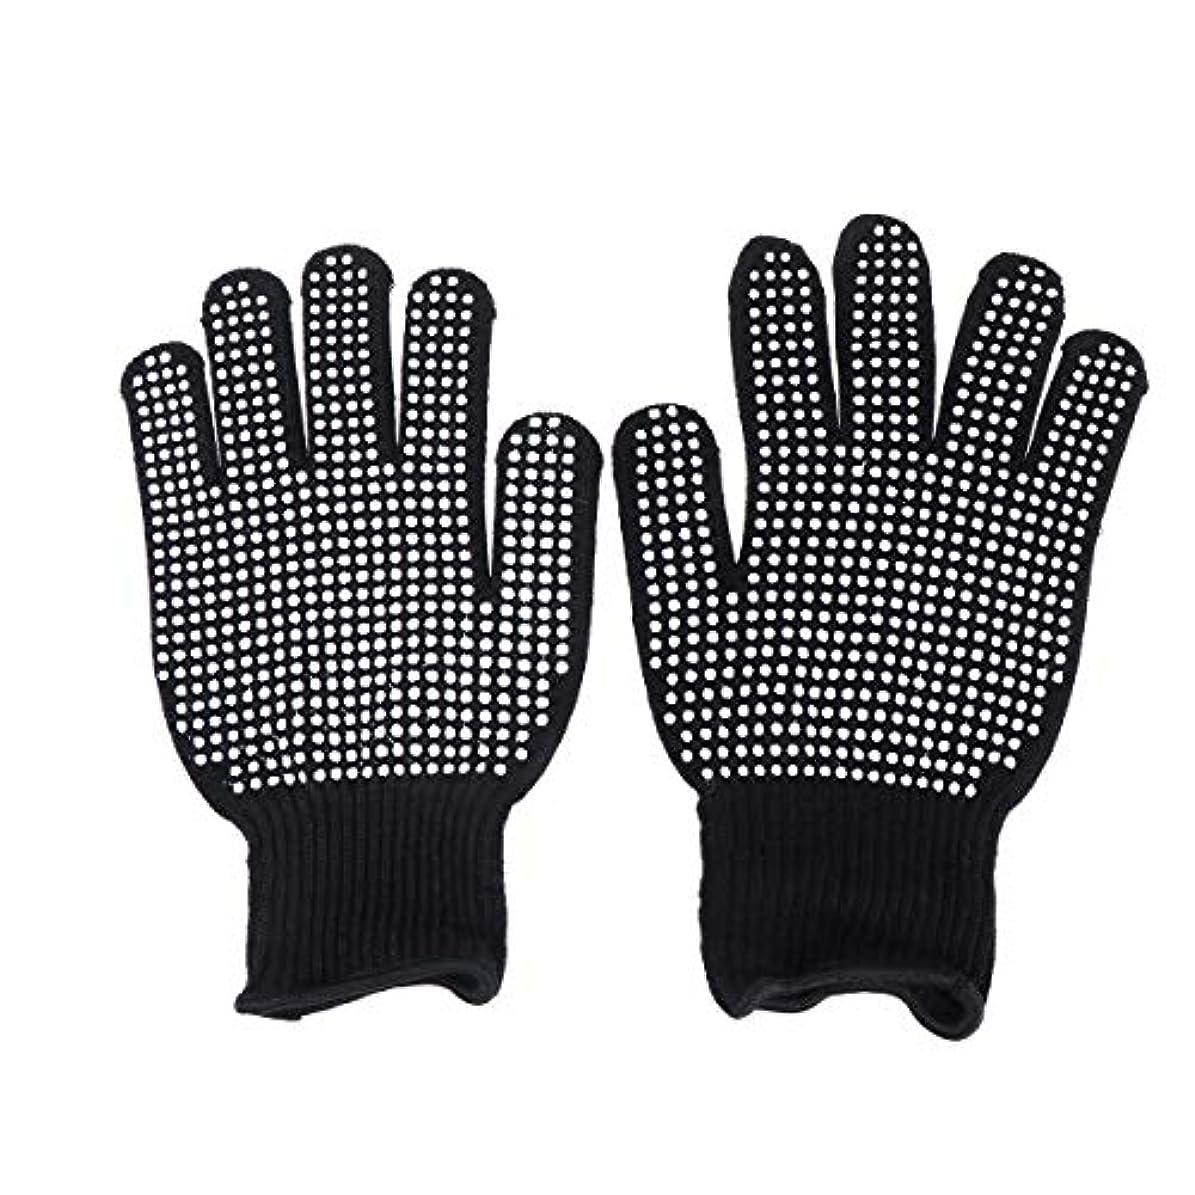 ヒロイック損なう結果としてBeaupretty 耐熱手袋ヘアスタイリング用オーブン手袋カール防止用ヒートブロック(ブラック)